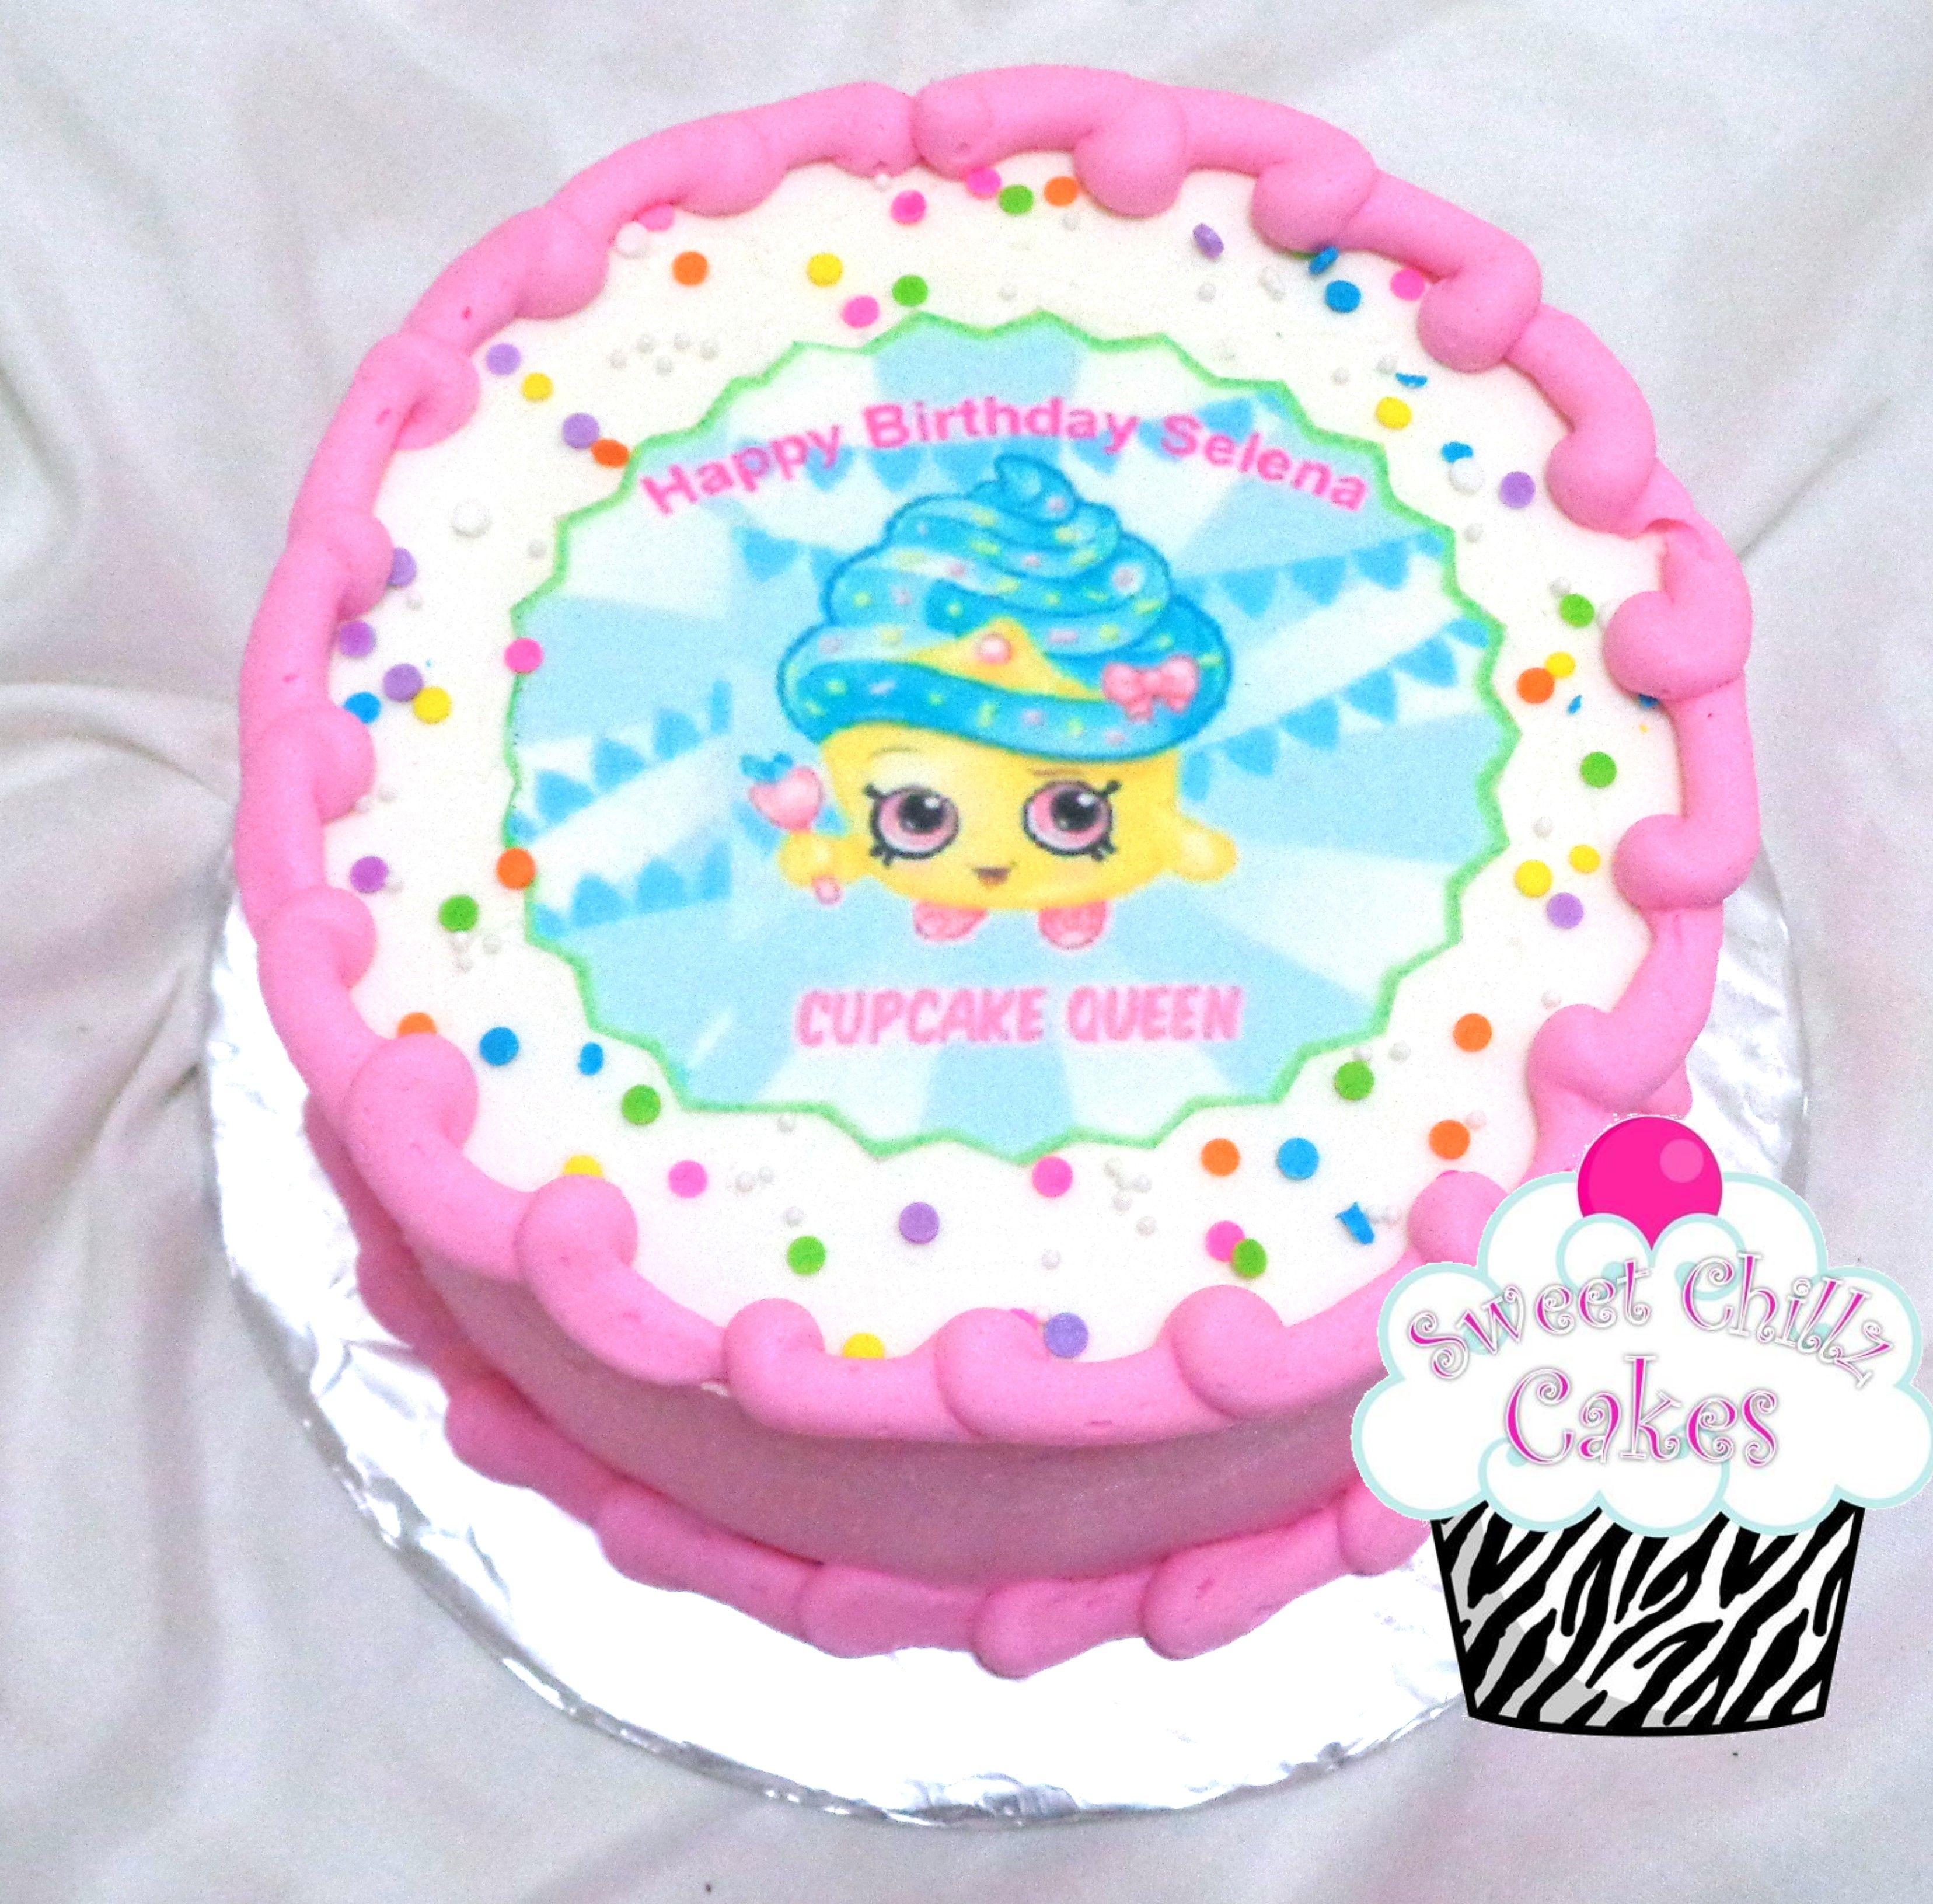 Shopkins Cupcake Queen Cake Birthday ideas Jamie Pinterest